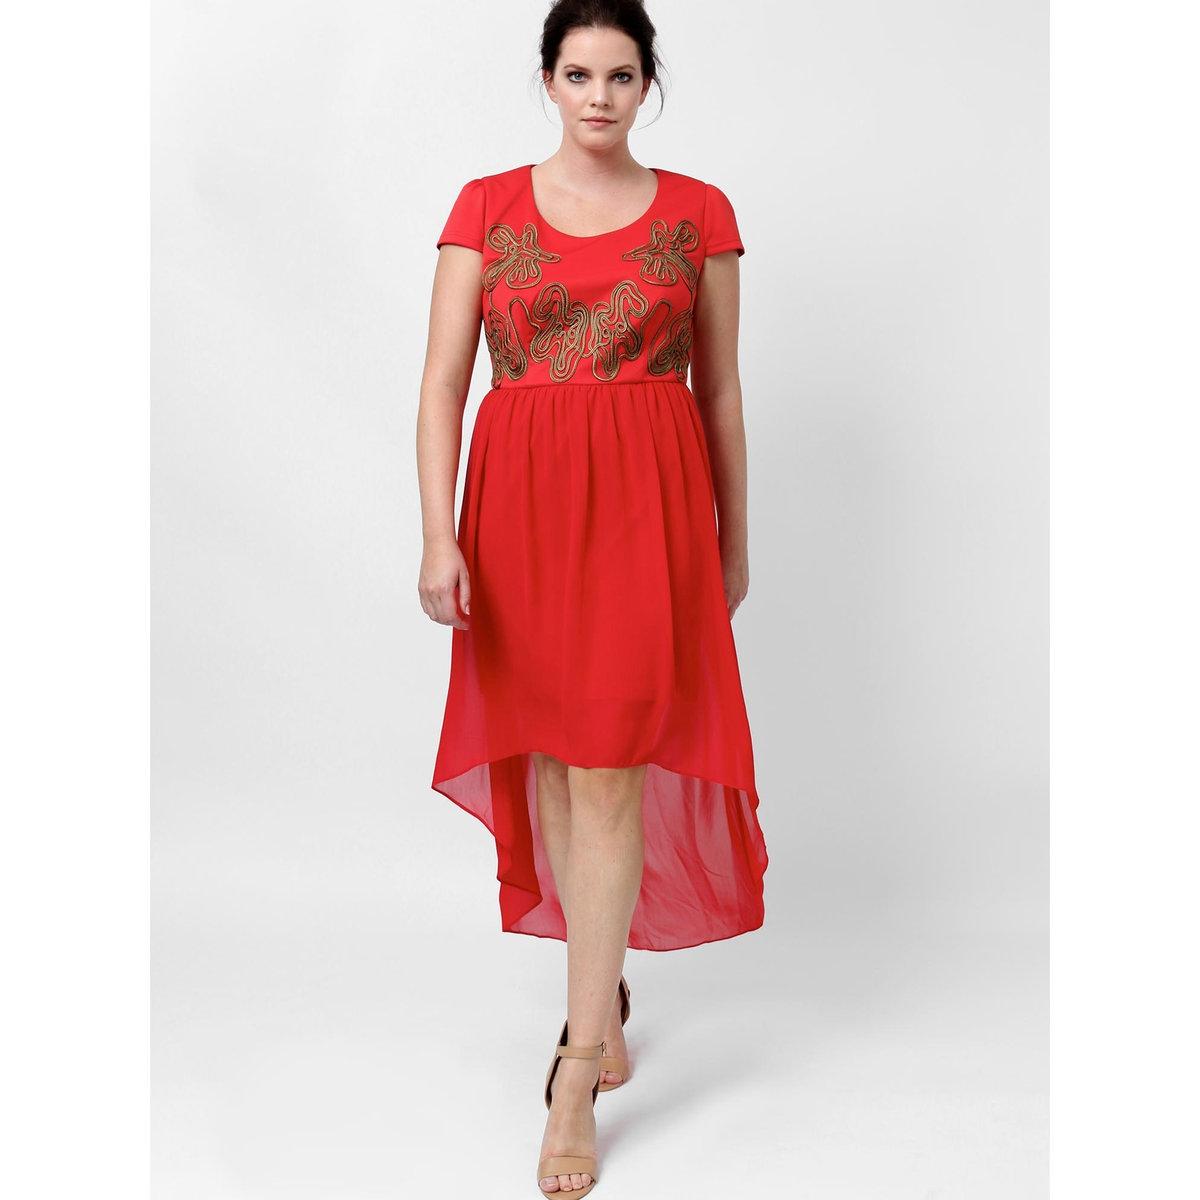 Платье длинноеПлатье с короткими рукавами KOKO BY KOKO. Узор спереди . Прозрачный эффект внизу платья. Длина ок. 145 см.. 100% полиэстера<br><br>Цвет: красный<br>Размер: 44 (FR) - 50 (RUS)